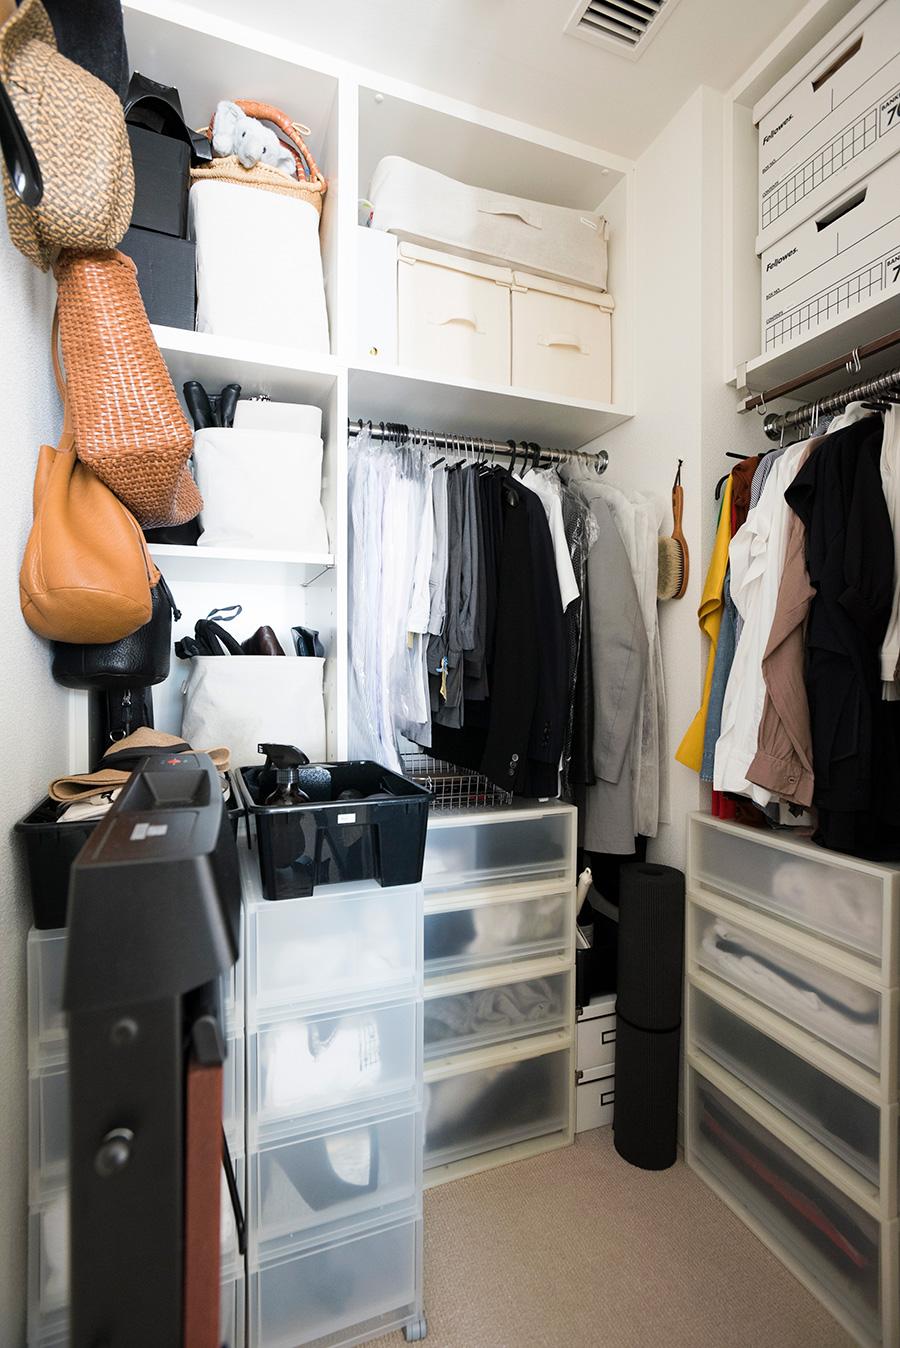 1年分の衣類を収めているクローゼット。カバンは縦に収納して選びやすく。